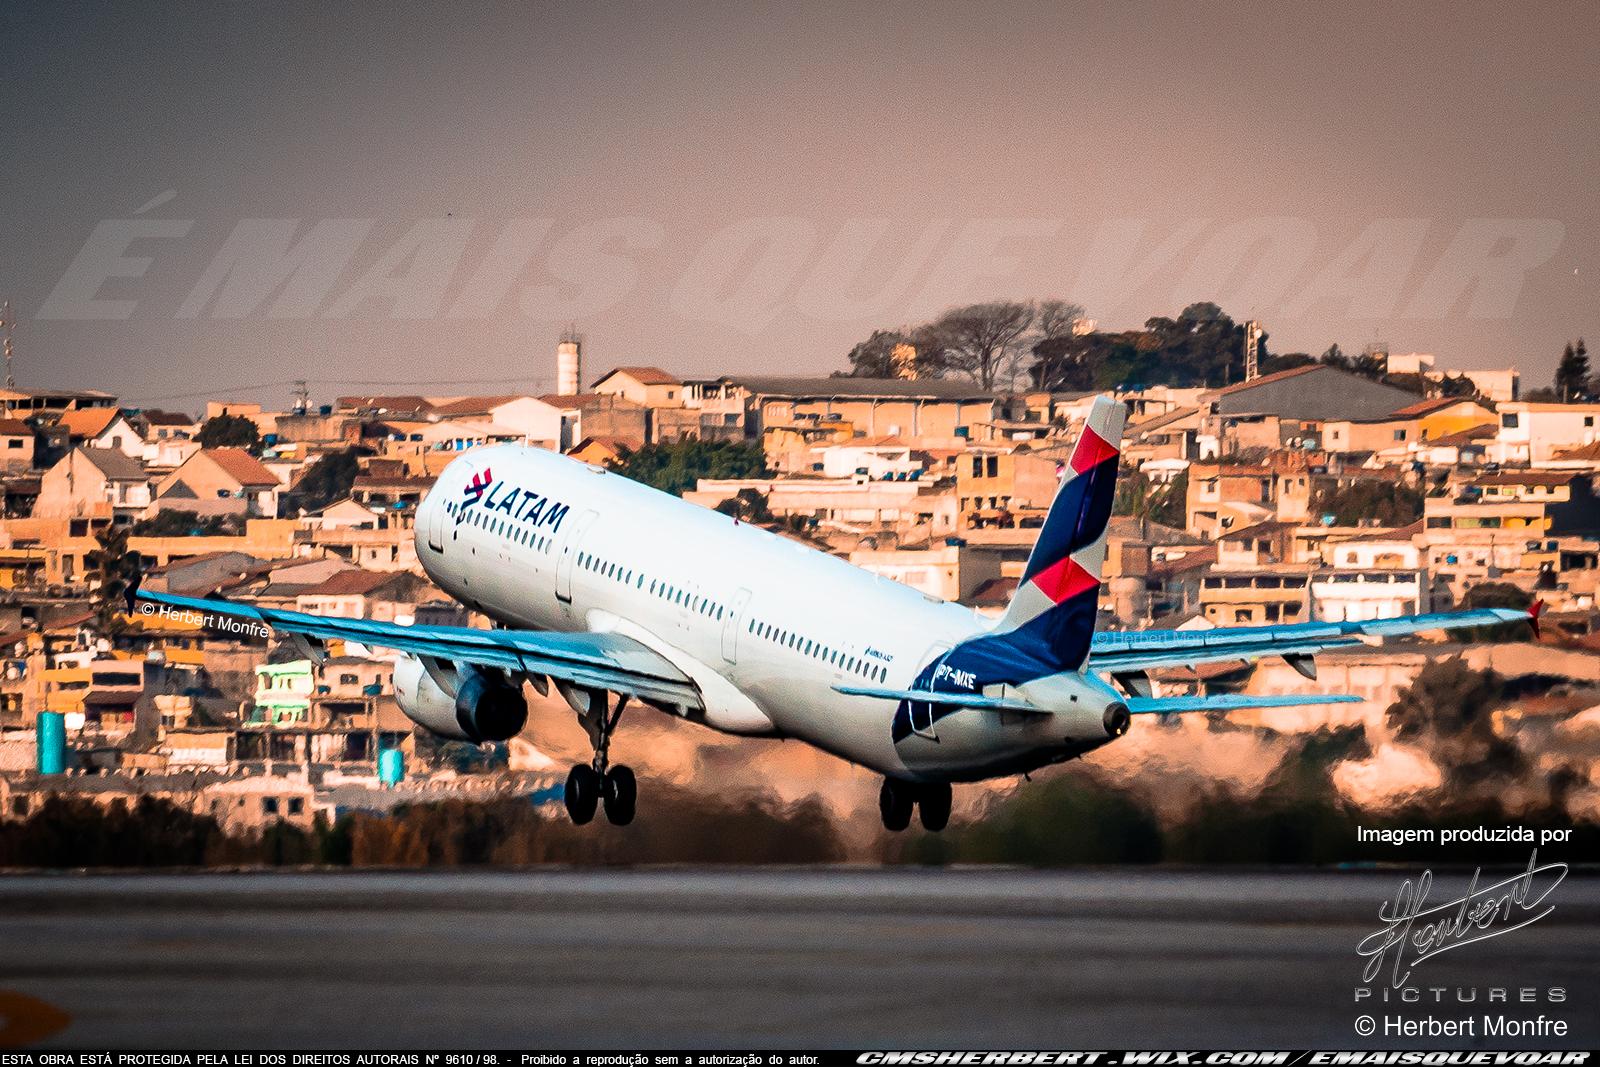 FlightStats apontou LATAM como companhia aérea mais pontual no Brasil em 2019   Foto © Herbert Monfre - É MAIS QUE VOAR